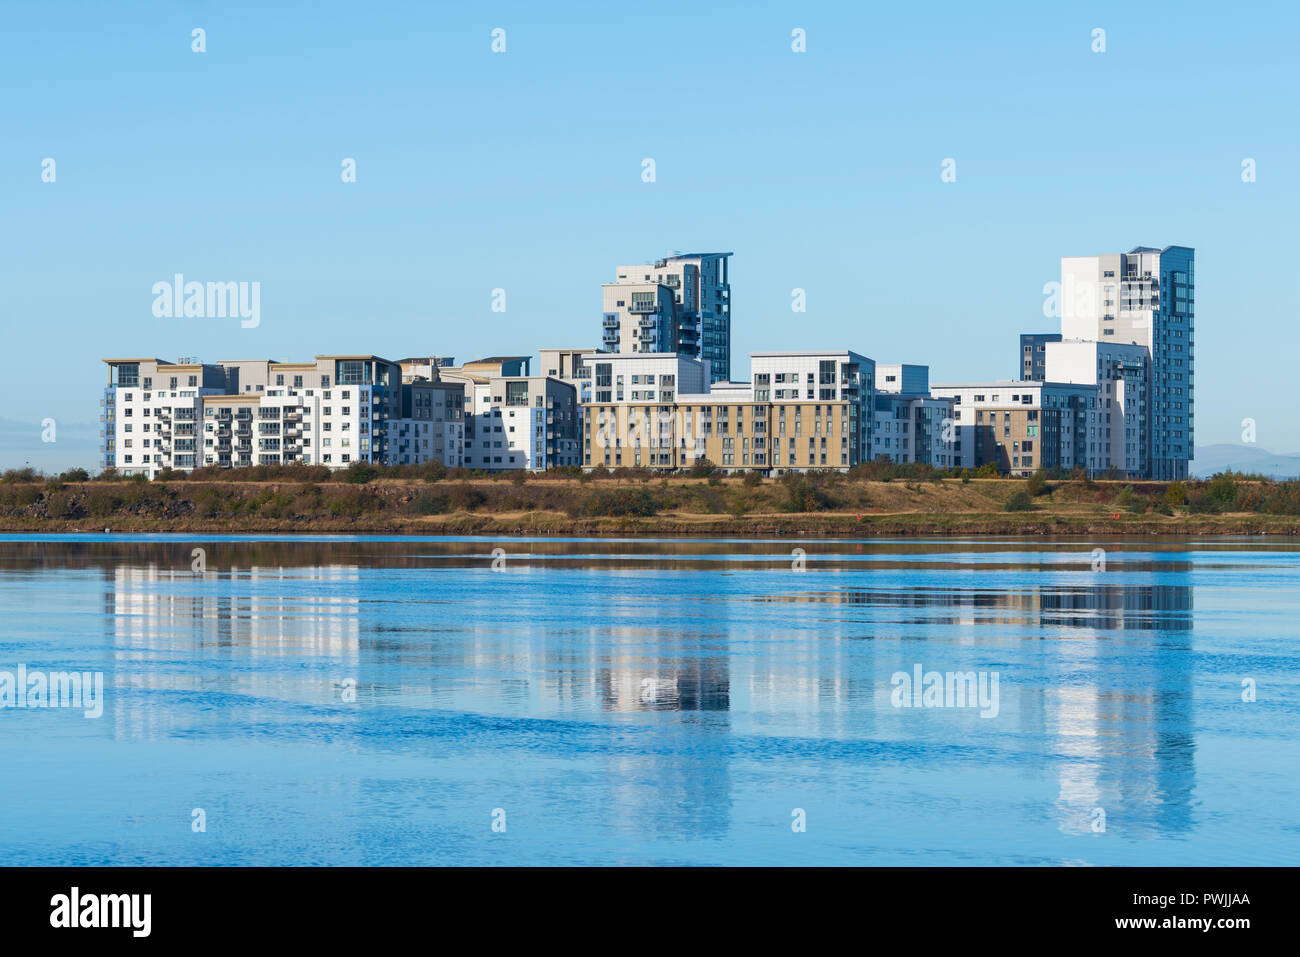 Vista del moderno appartamento edifici al Western Harbour housing development in Leith, Scotland, Regno Unito Immagini Stock